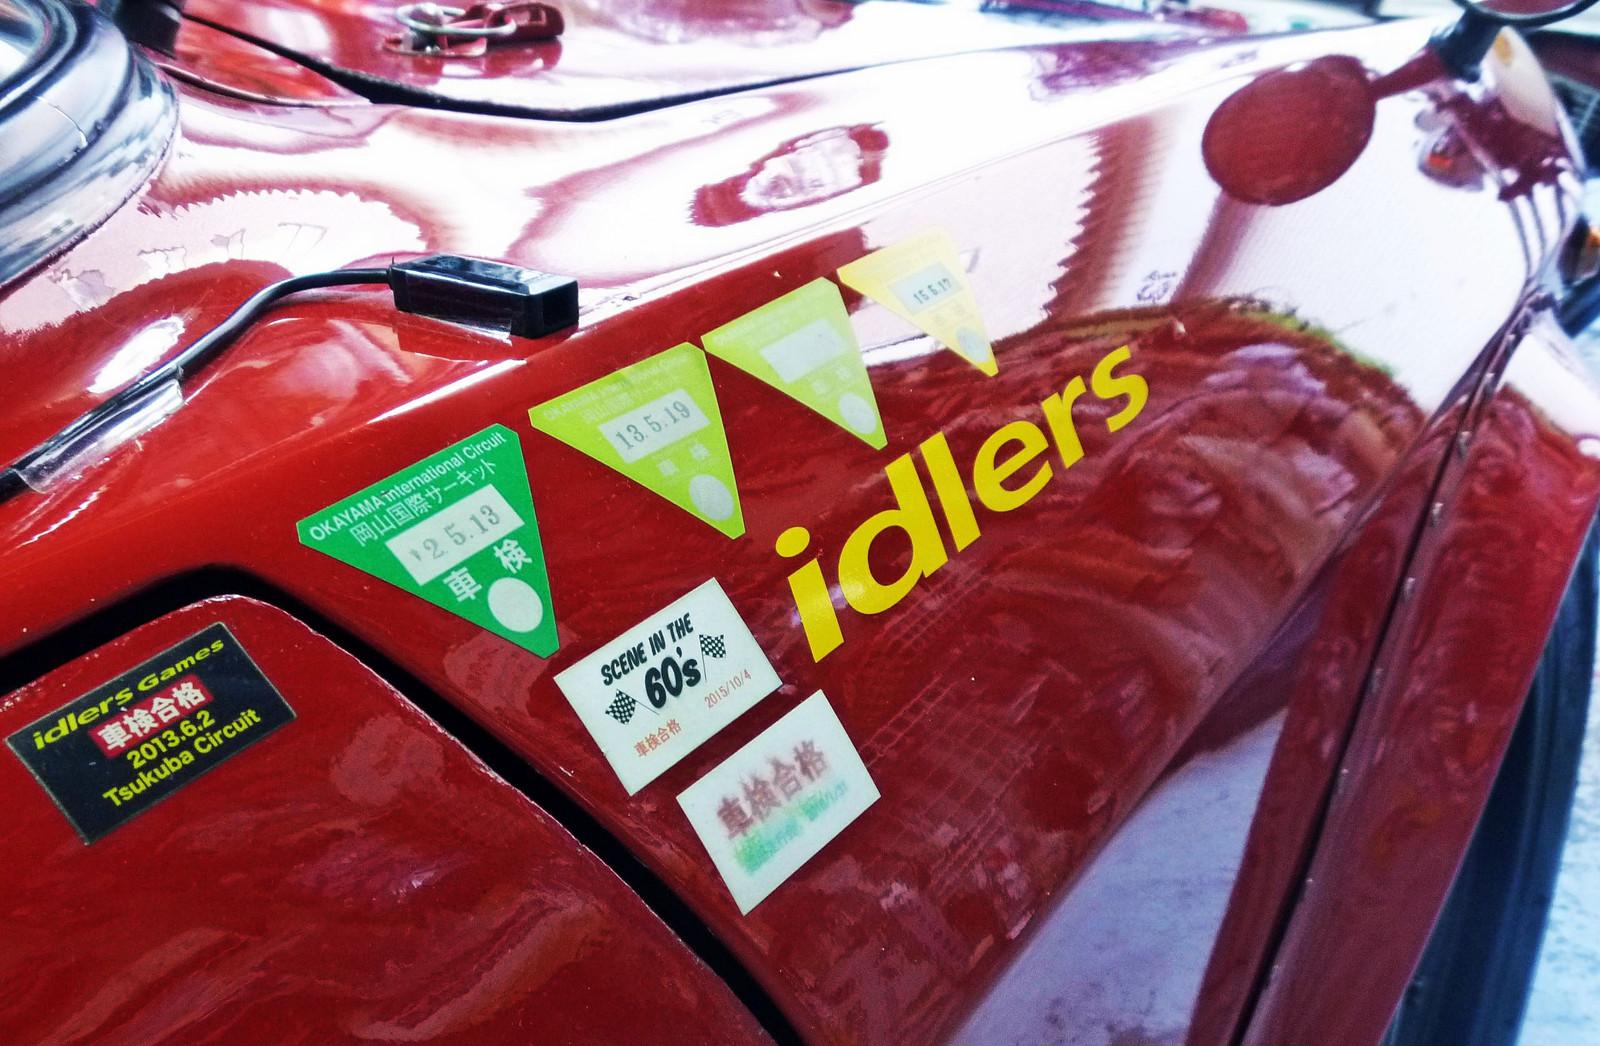 Idlers